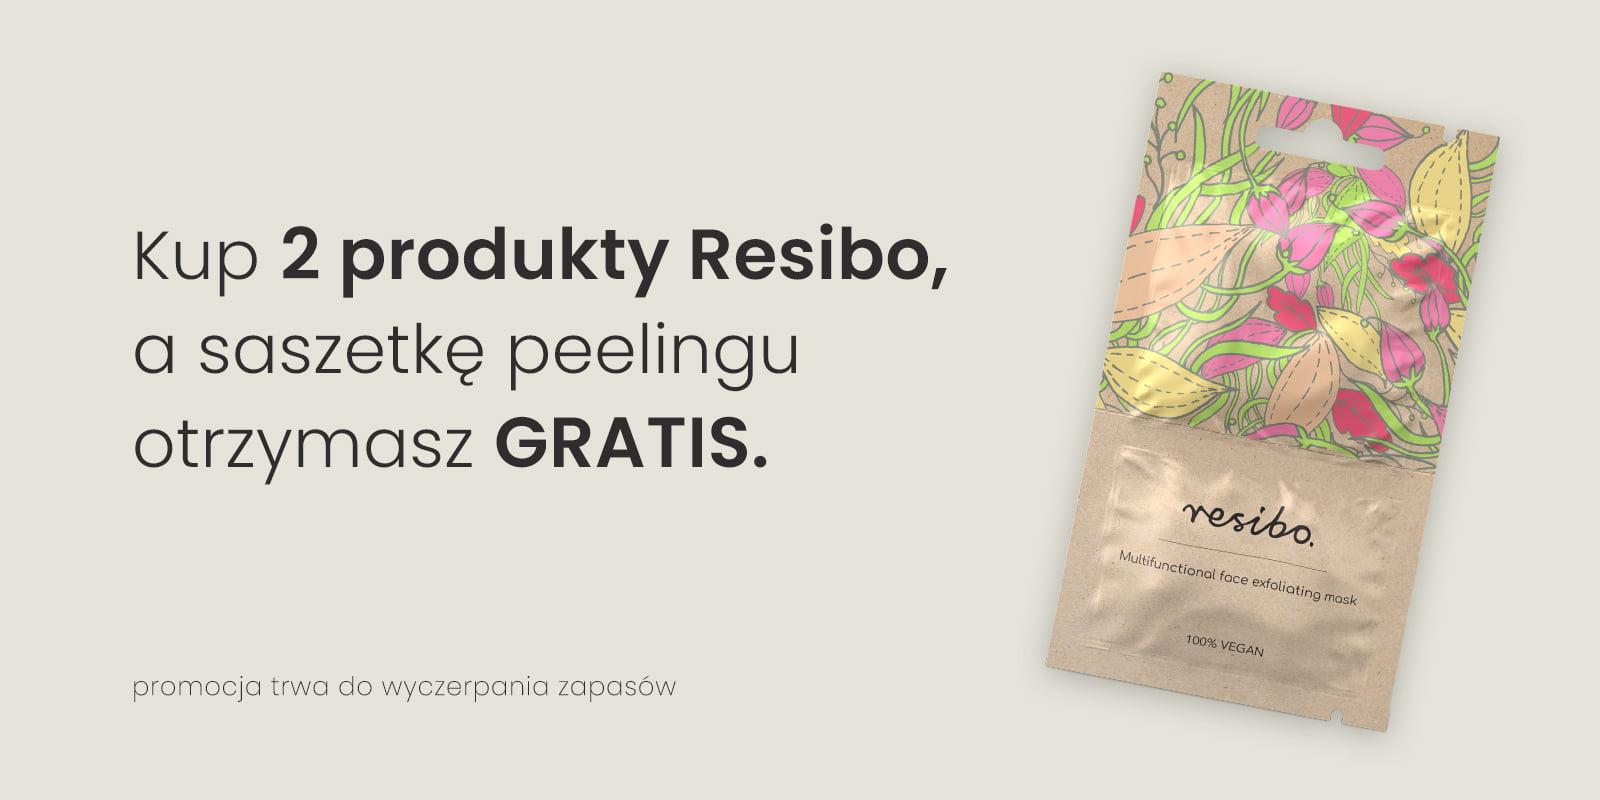 szaszetka-peelingu-gratis